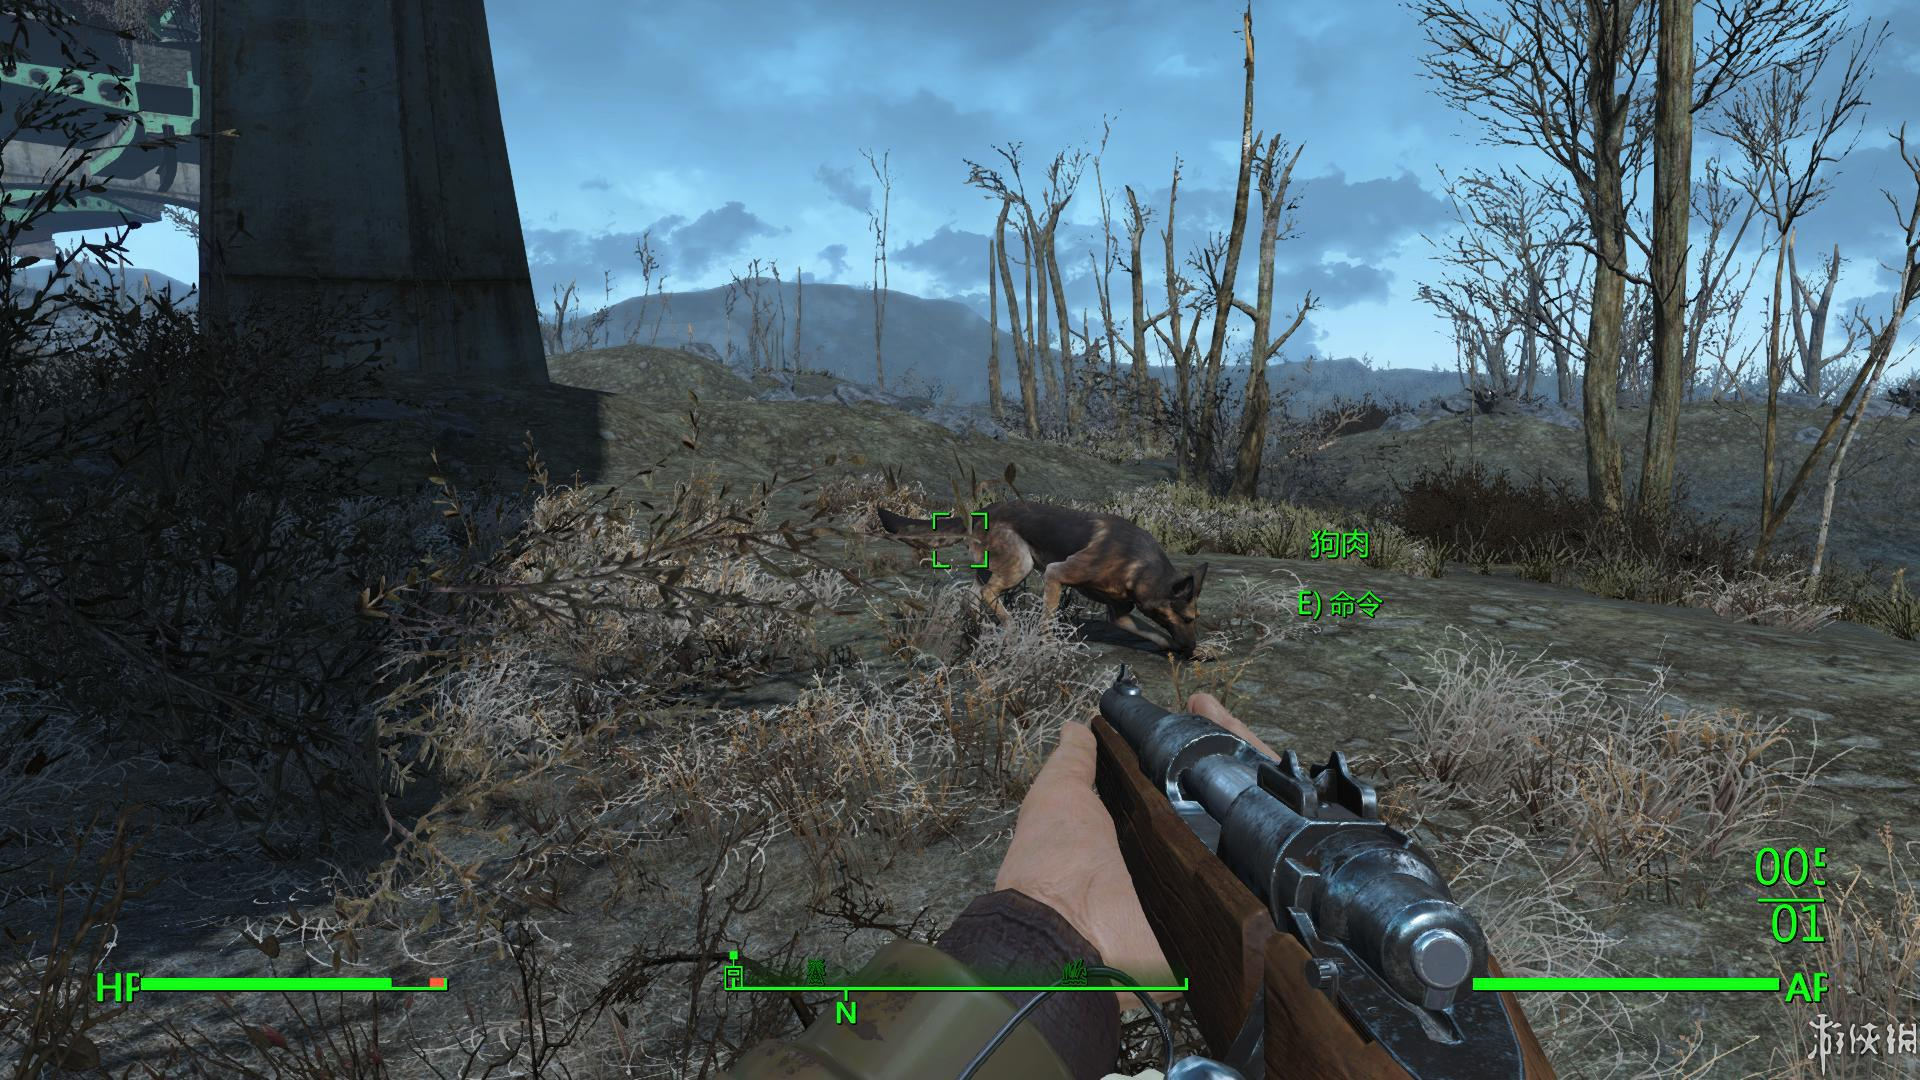 辐射4/Fallout 4/3/2/1/辐射避难所/新维加斯/钢铁兄弟会[新版v1.10]插图6